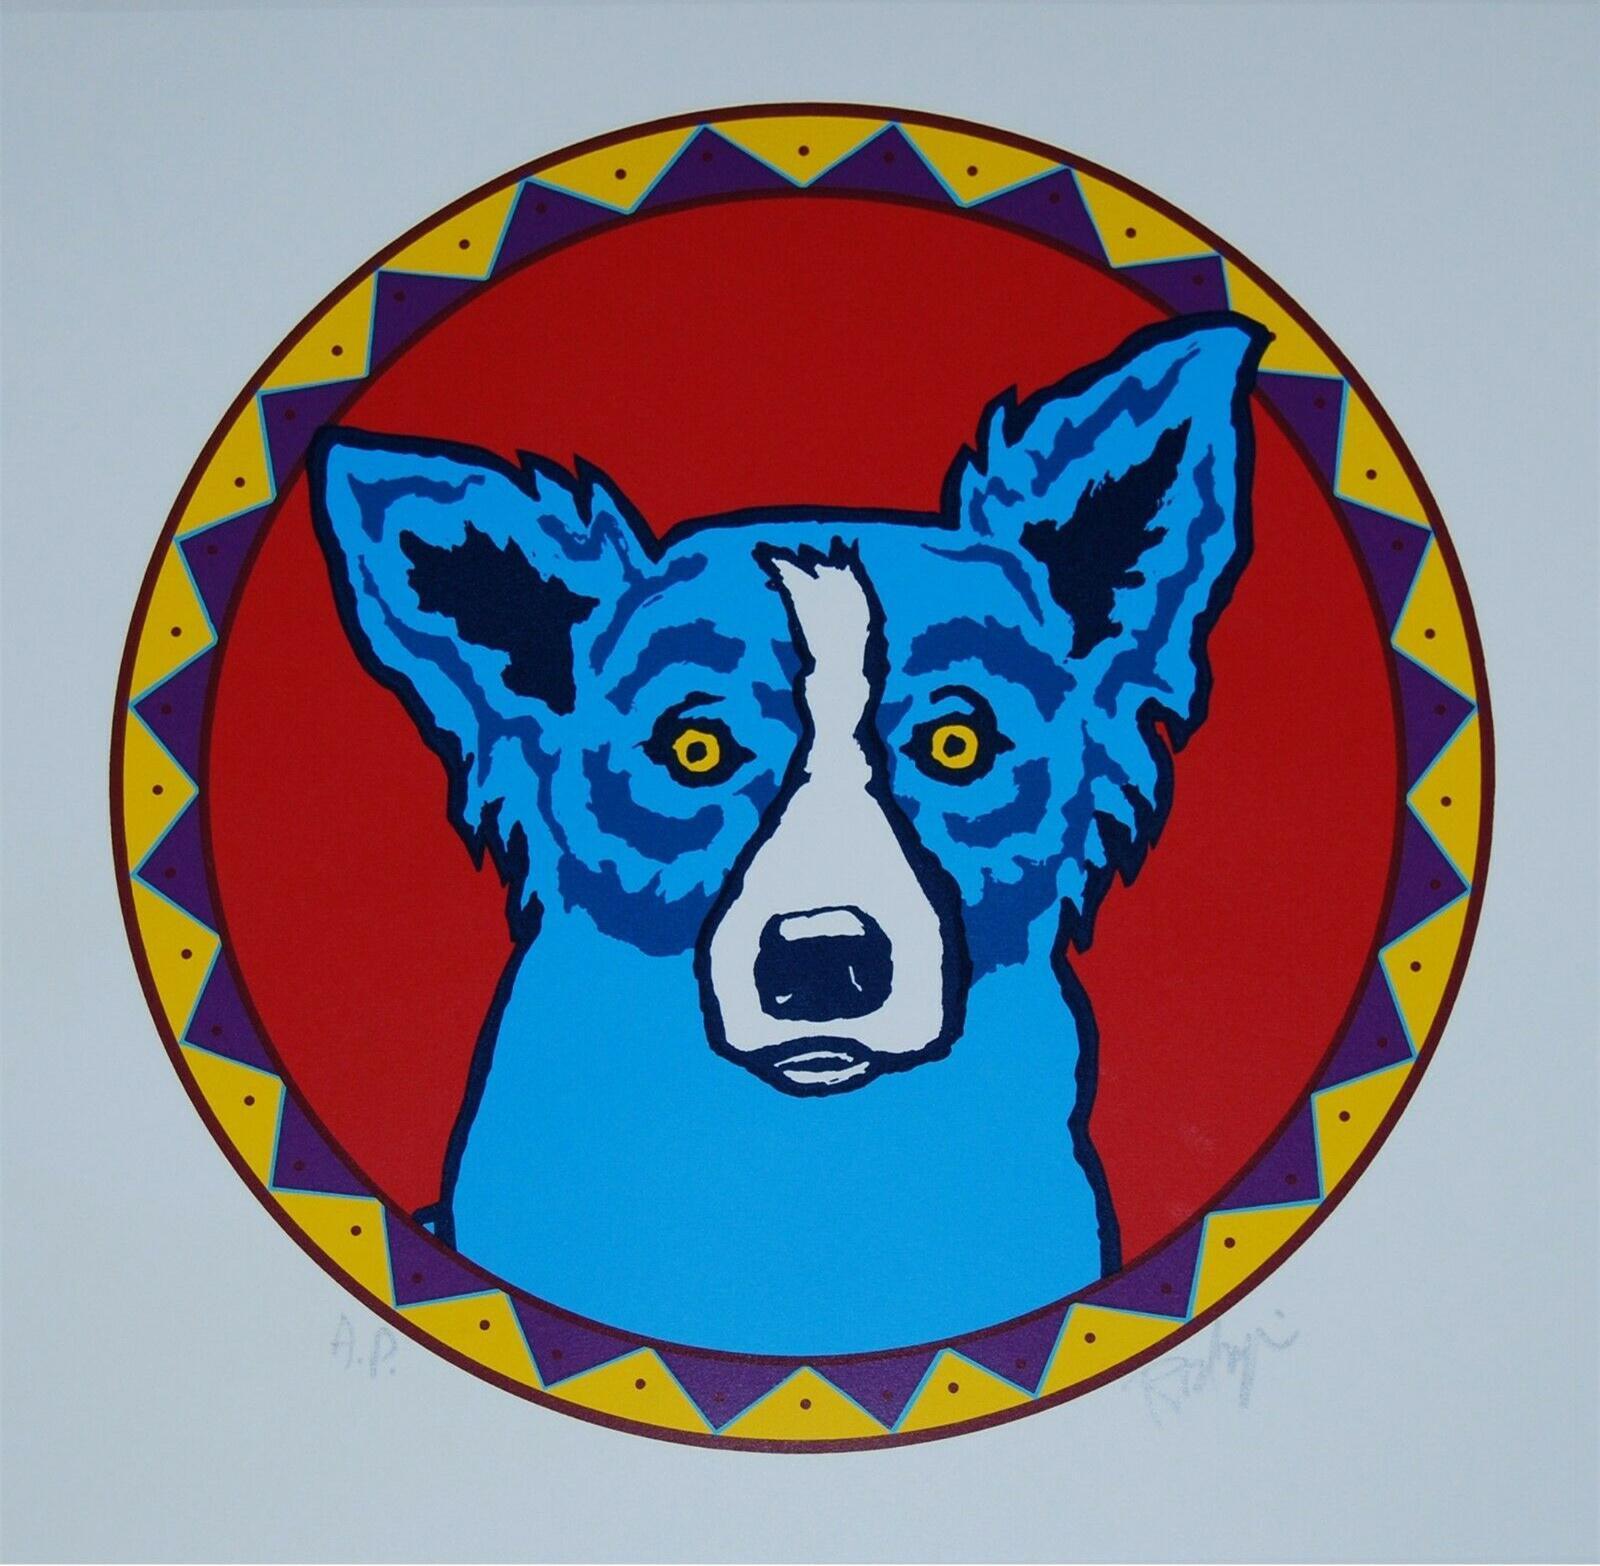 George Rodrigue Blue Dog Grande Capo Bianco Blues Red Drum Home Decor Artigianato / HD Stampa della pittura a olio su tela di canapa di arte della parete Immagini 200115